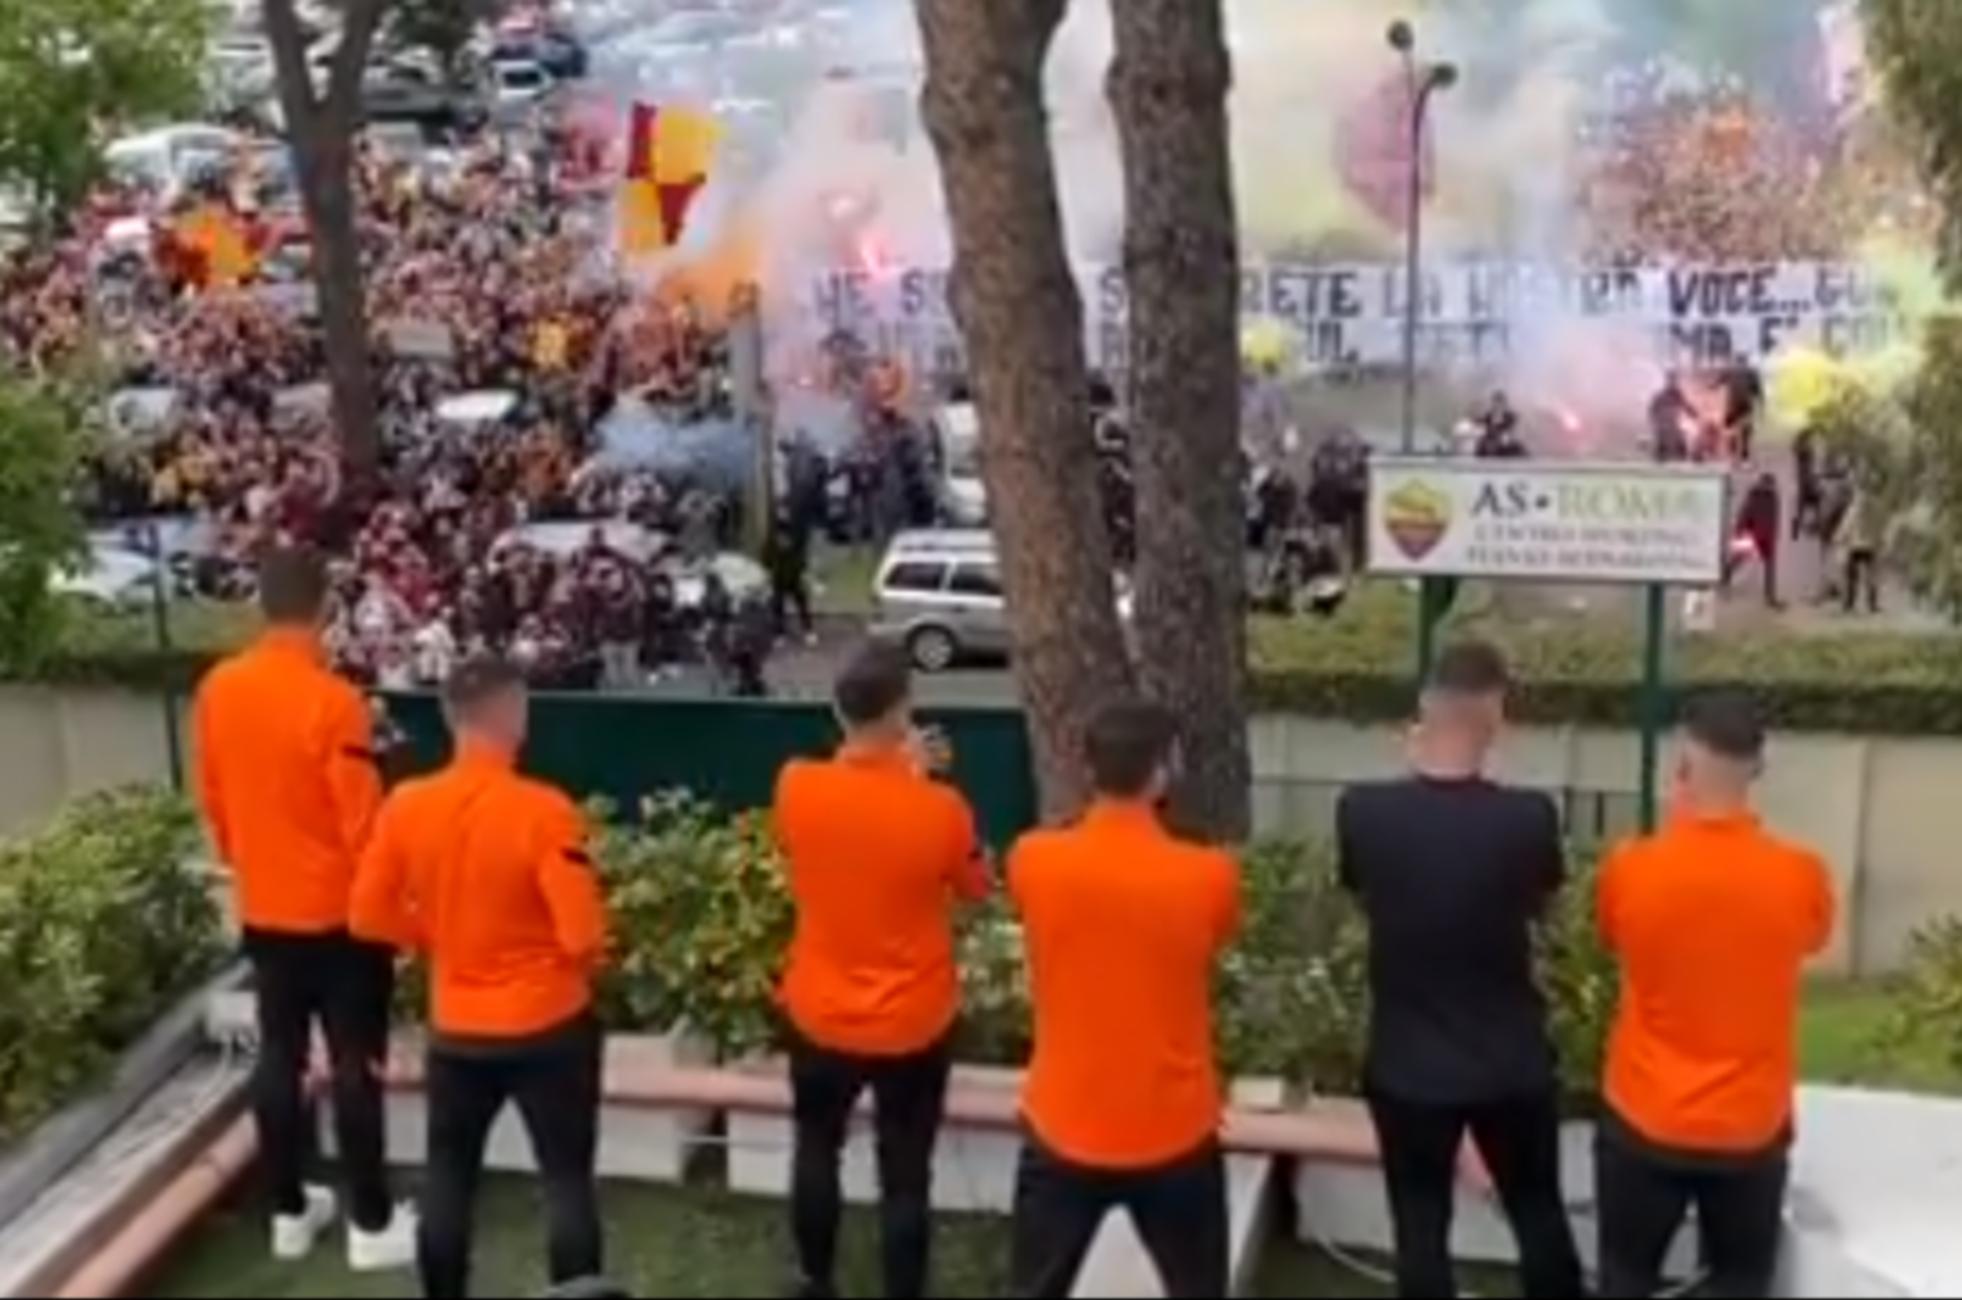 Χιλιάδες οπαδοί της Ρόμα «ντόπαραν» τους παίκτες πριν τη Γιουνάιτεντ